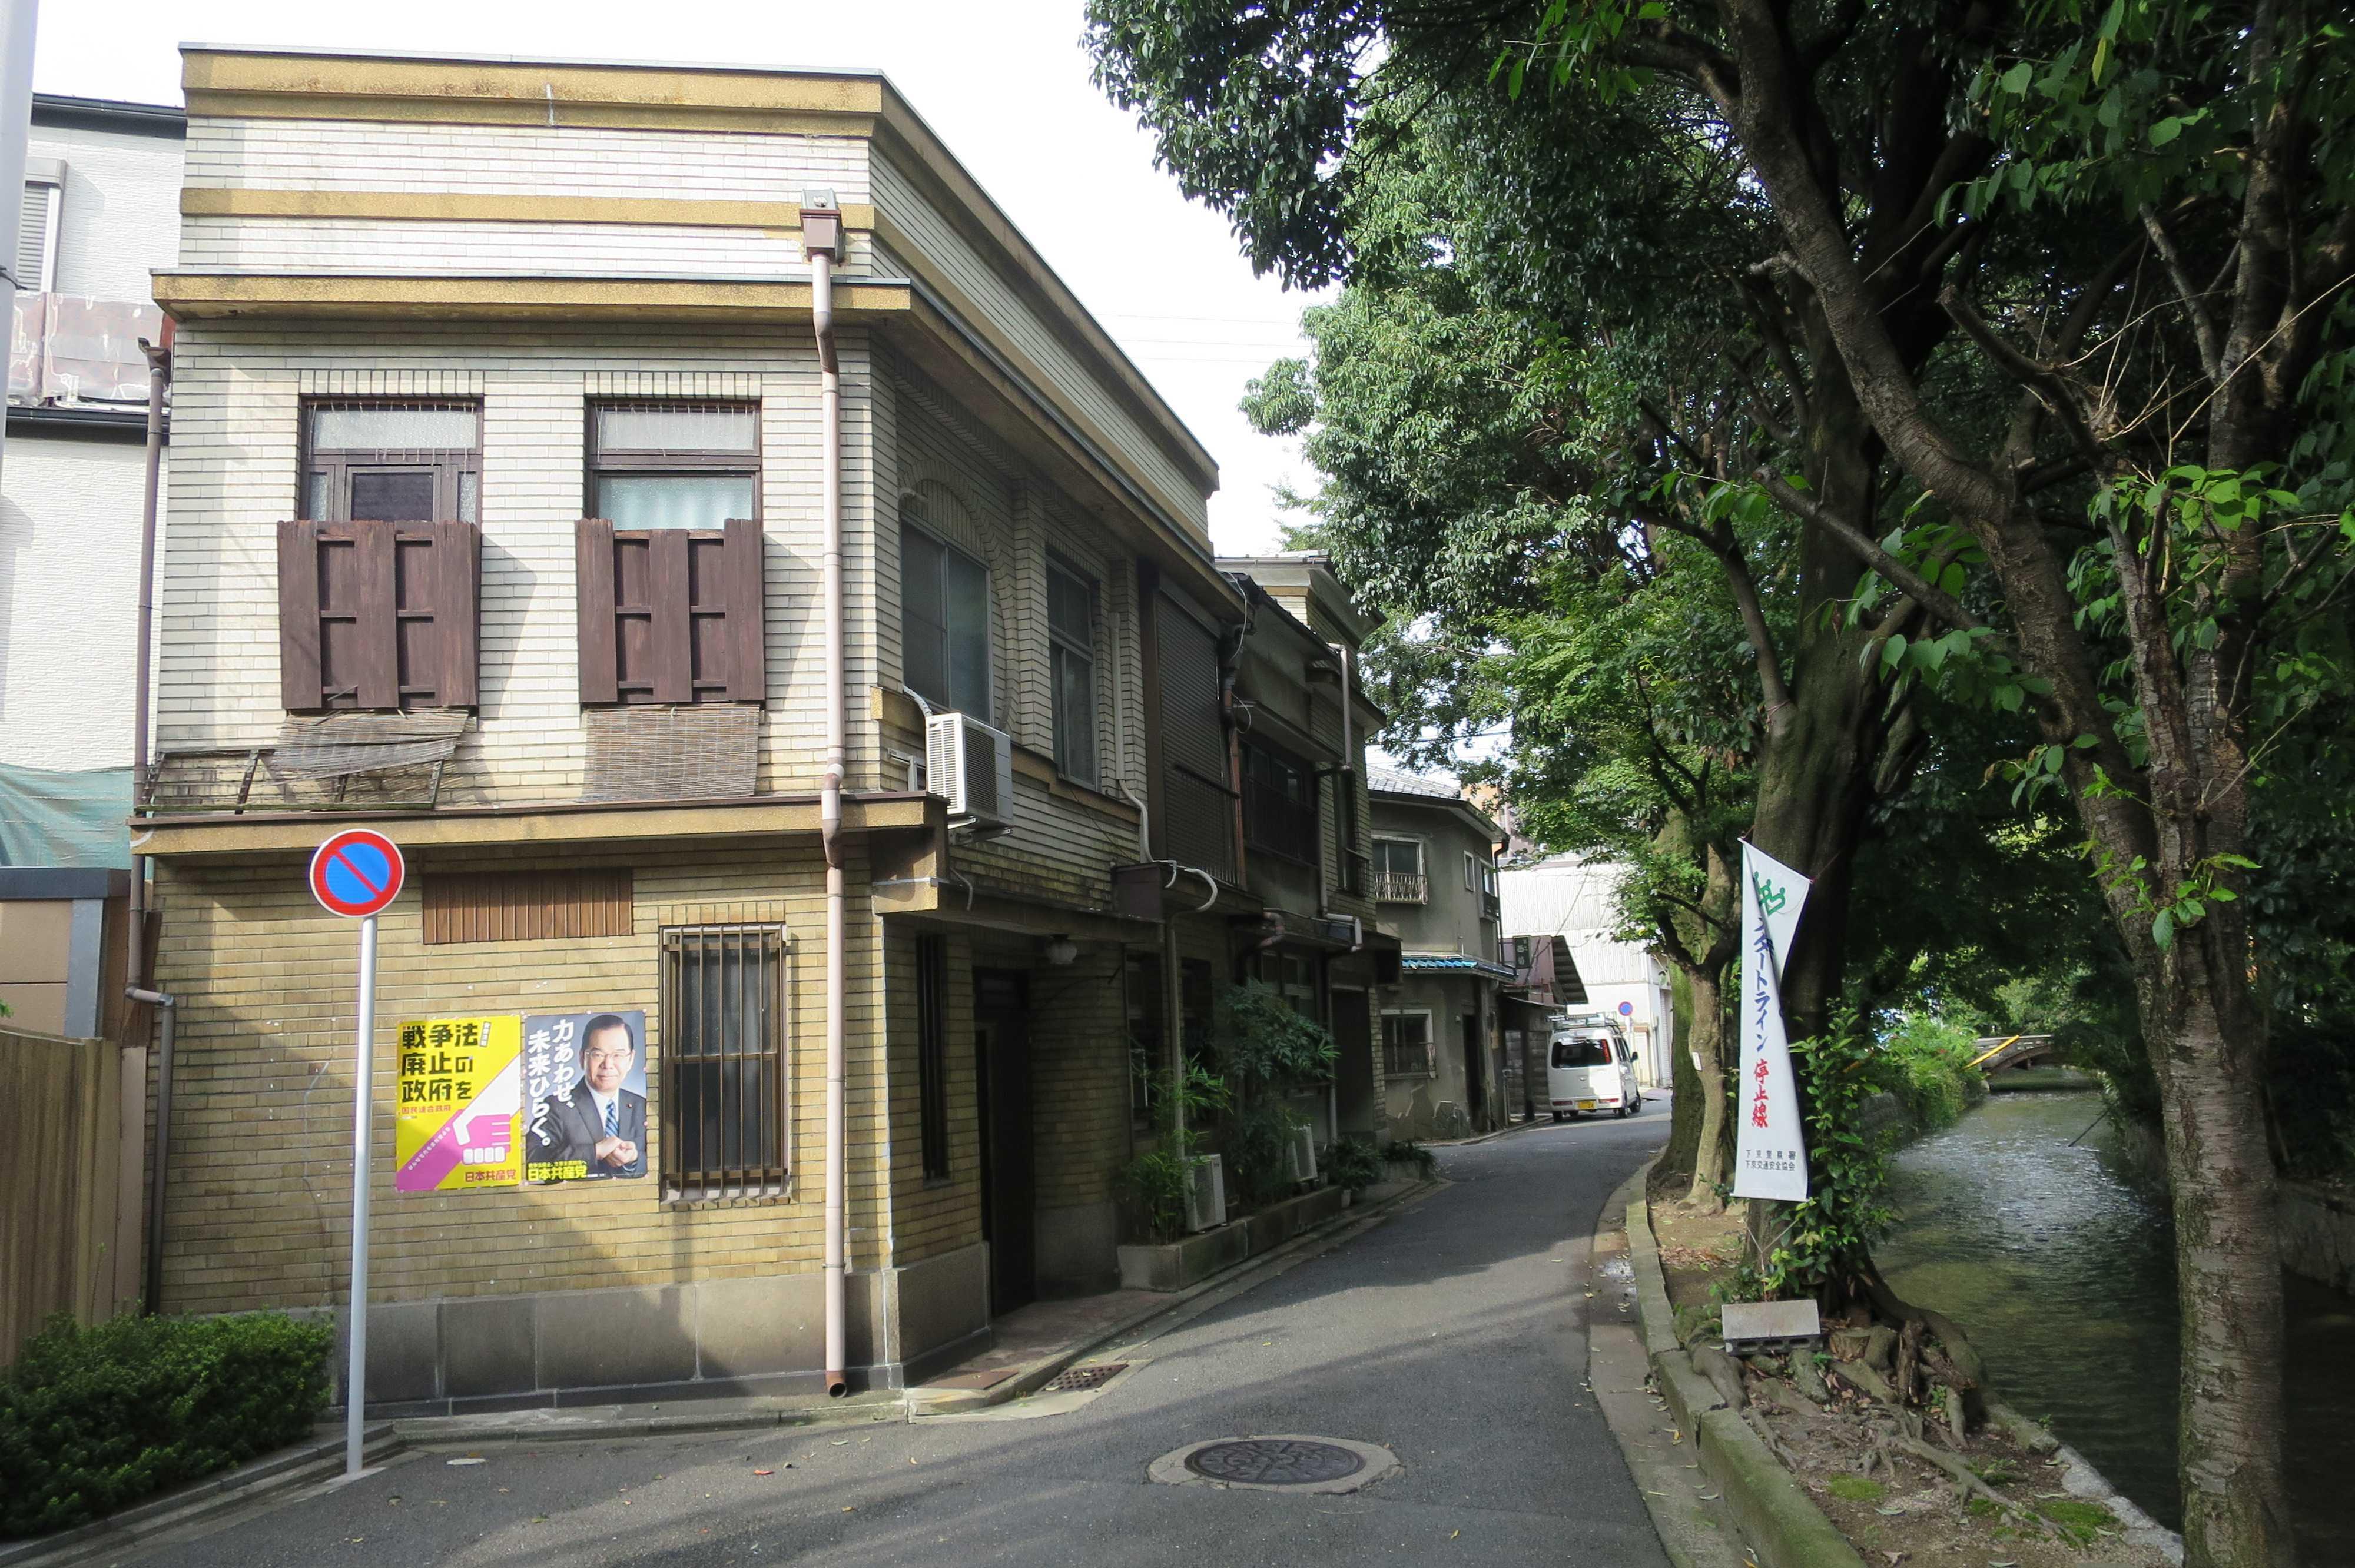 京都・五条楽園 - カフェー建築、共産党のポスター、高瀬川。